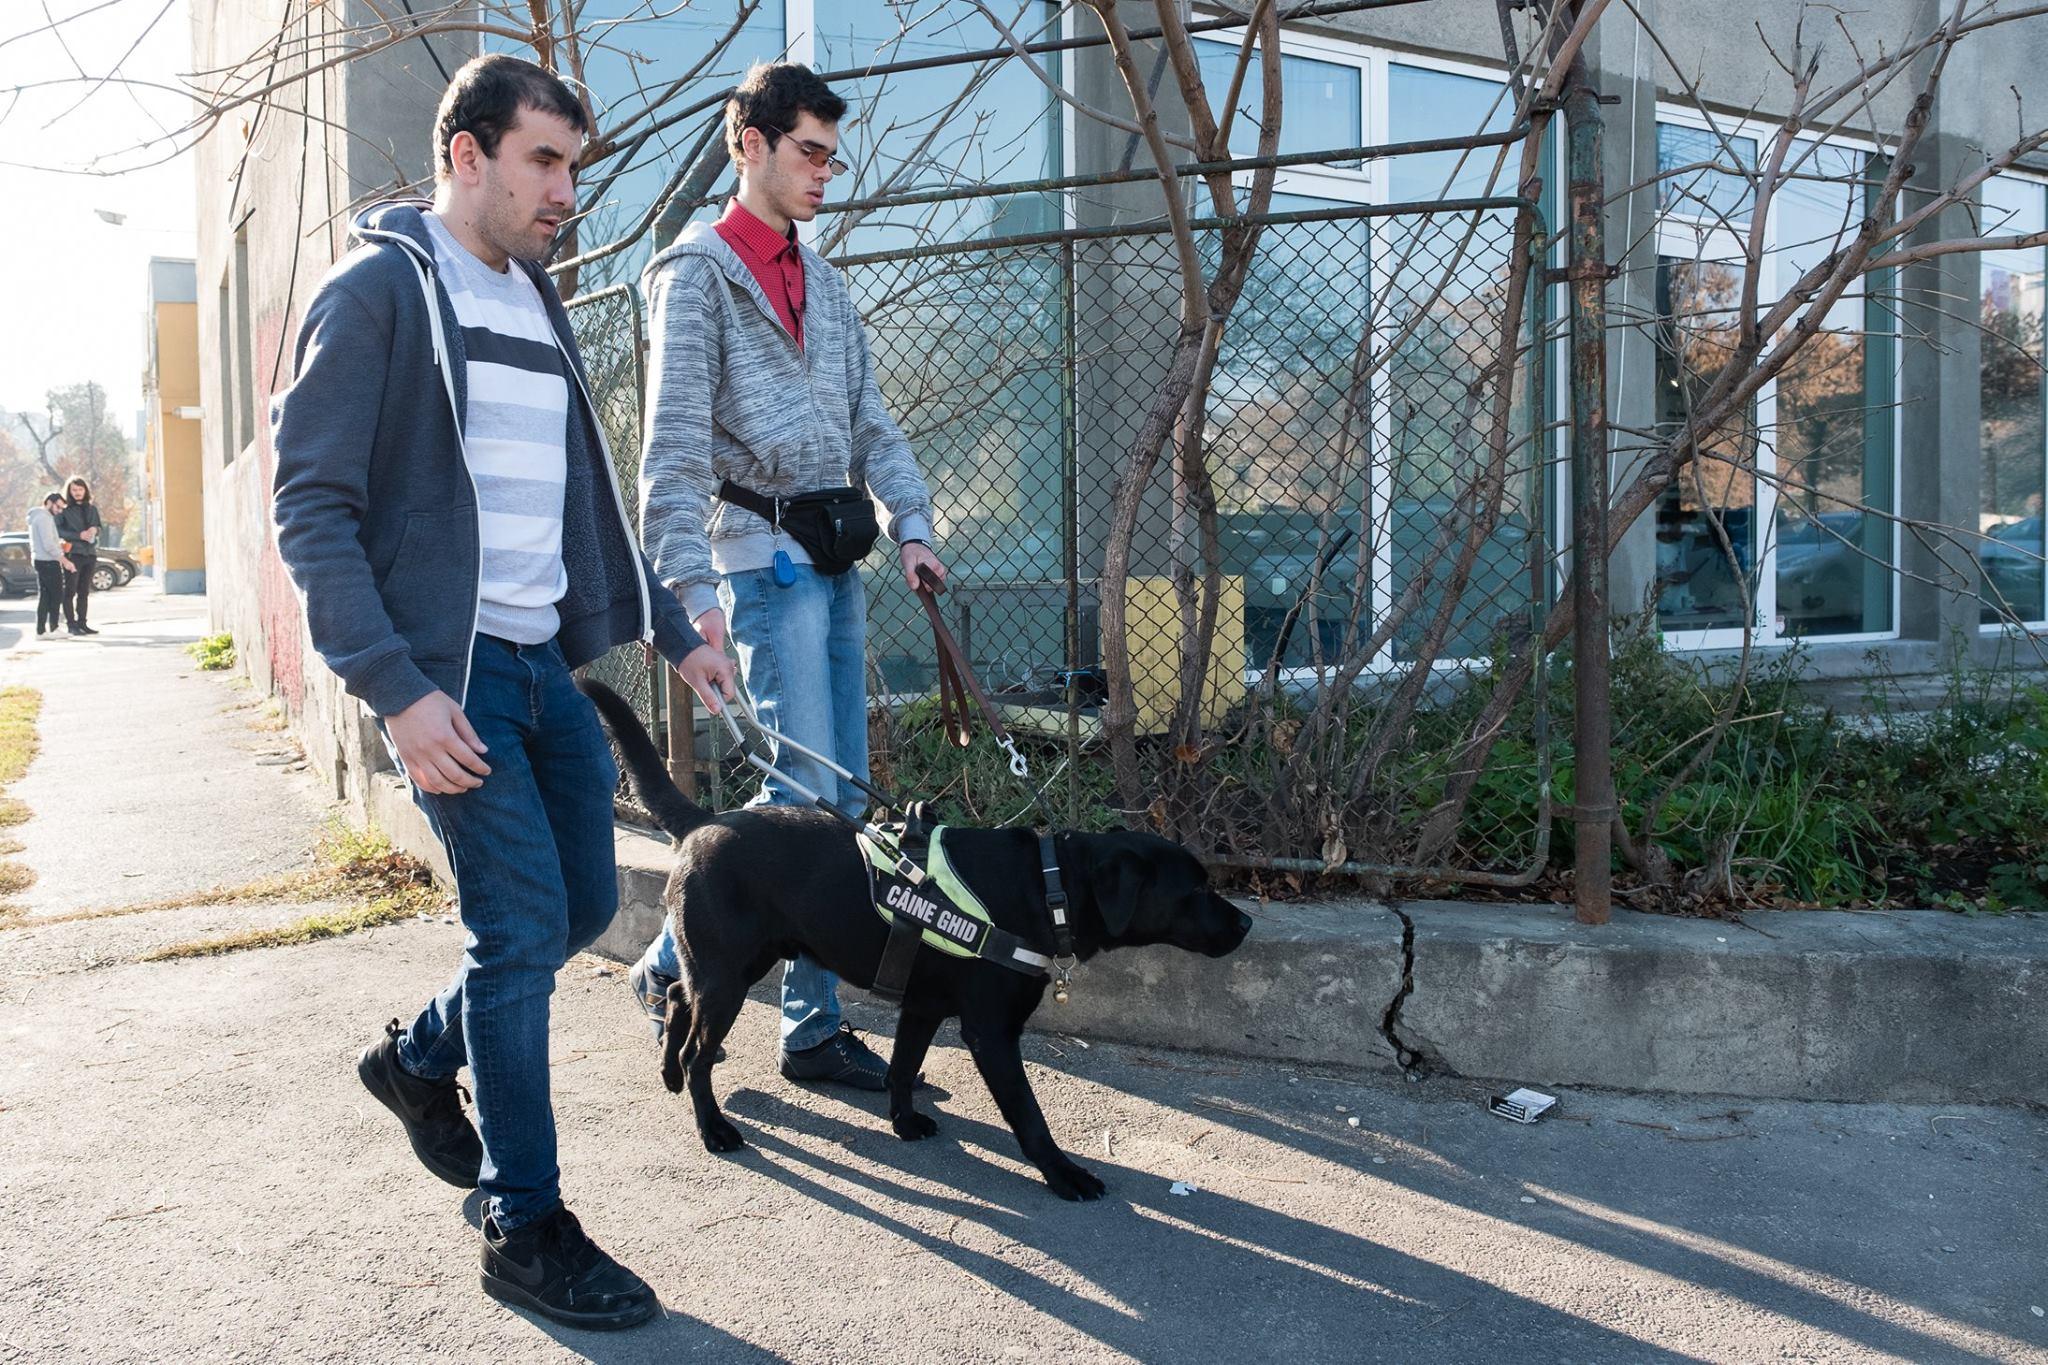 Descriere foto: Phantom pe strada ghideaza un participant nevazator, impreuna cu Paul.